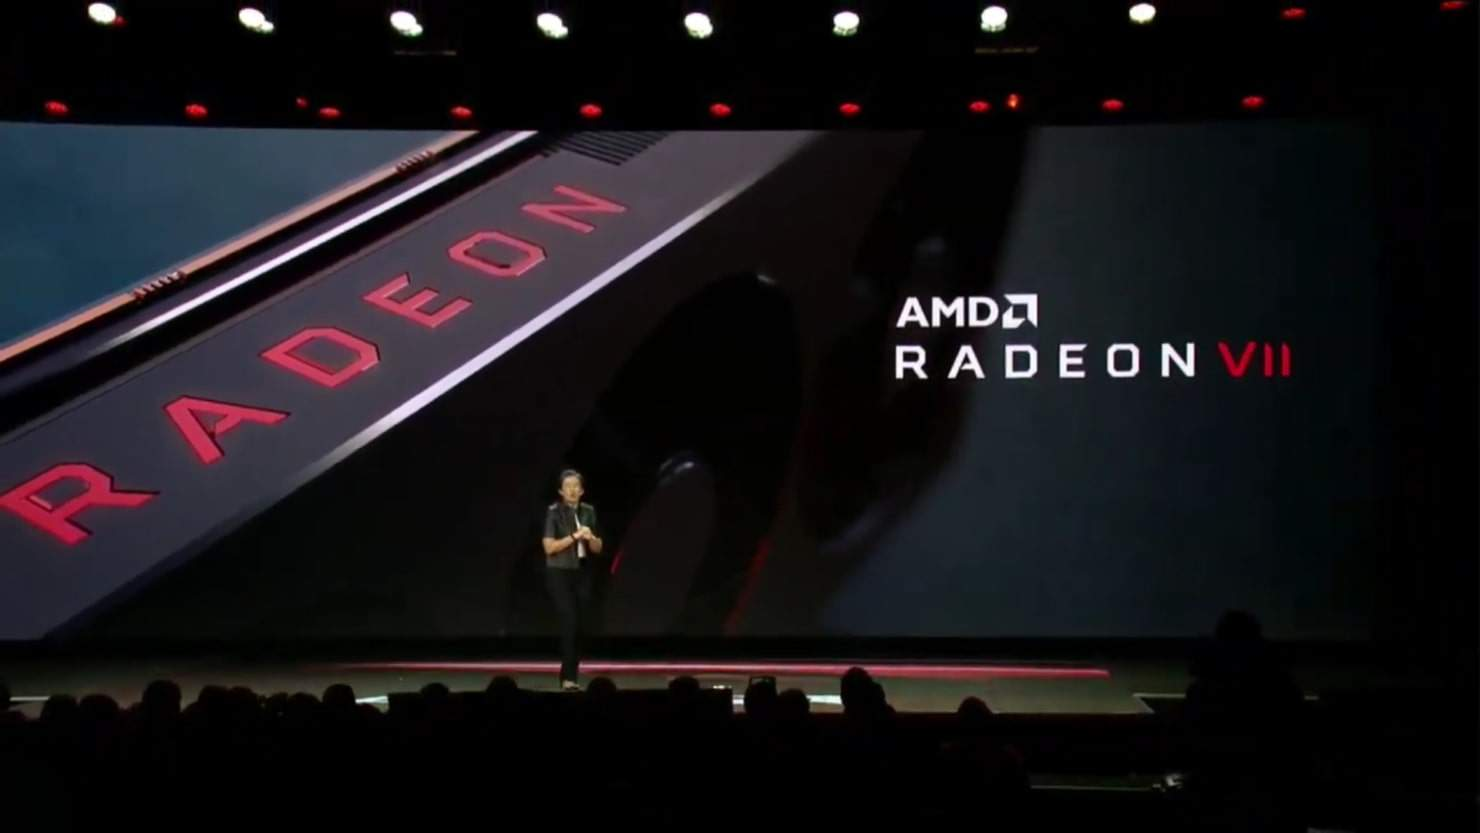 AMD Radeon VII